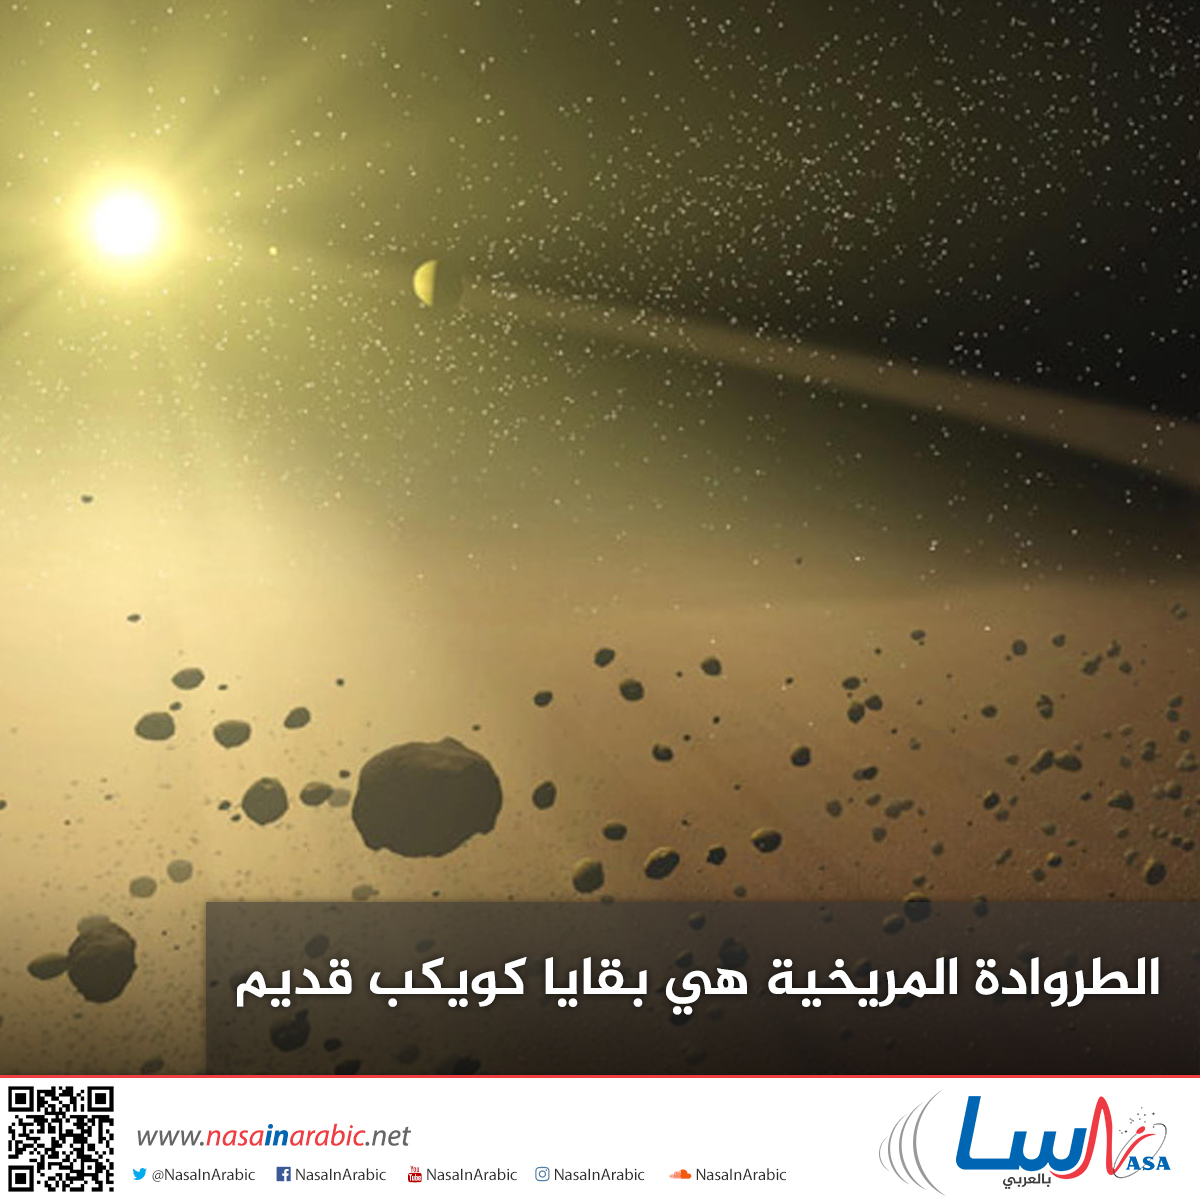 الطروادة المريخية هي بقايا كويكب قديم